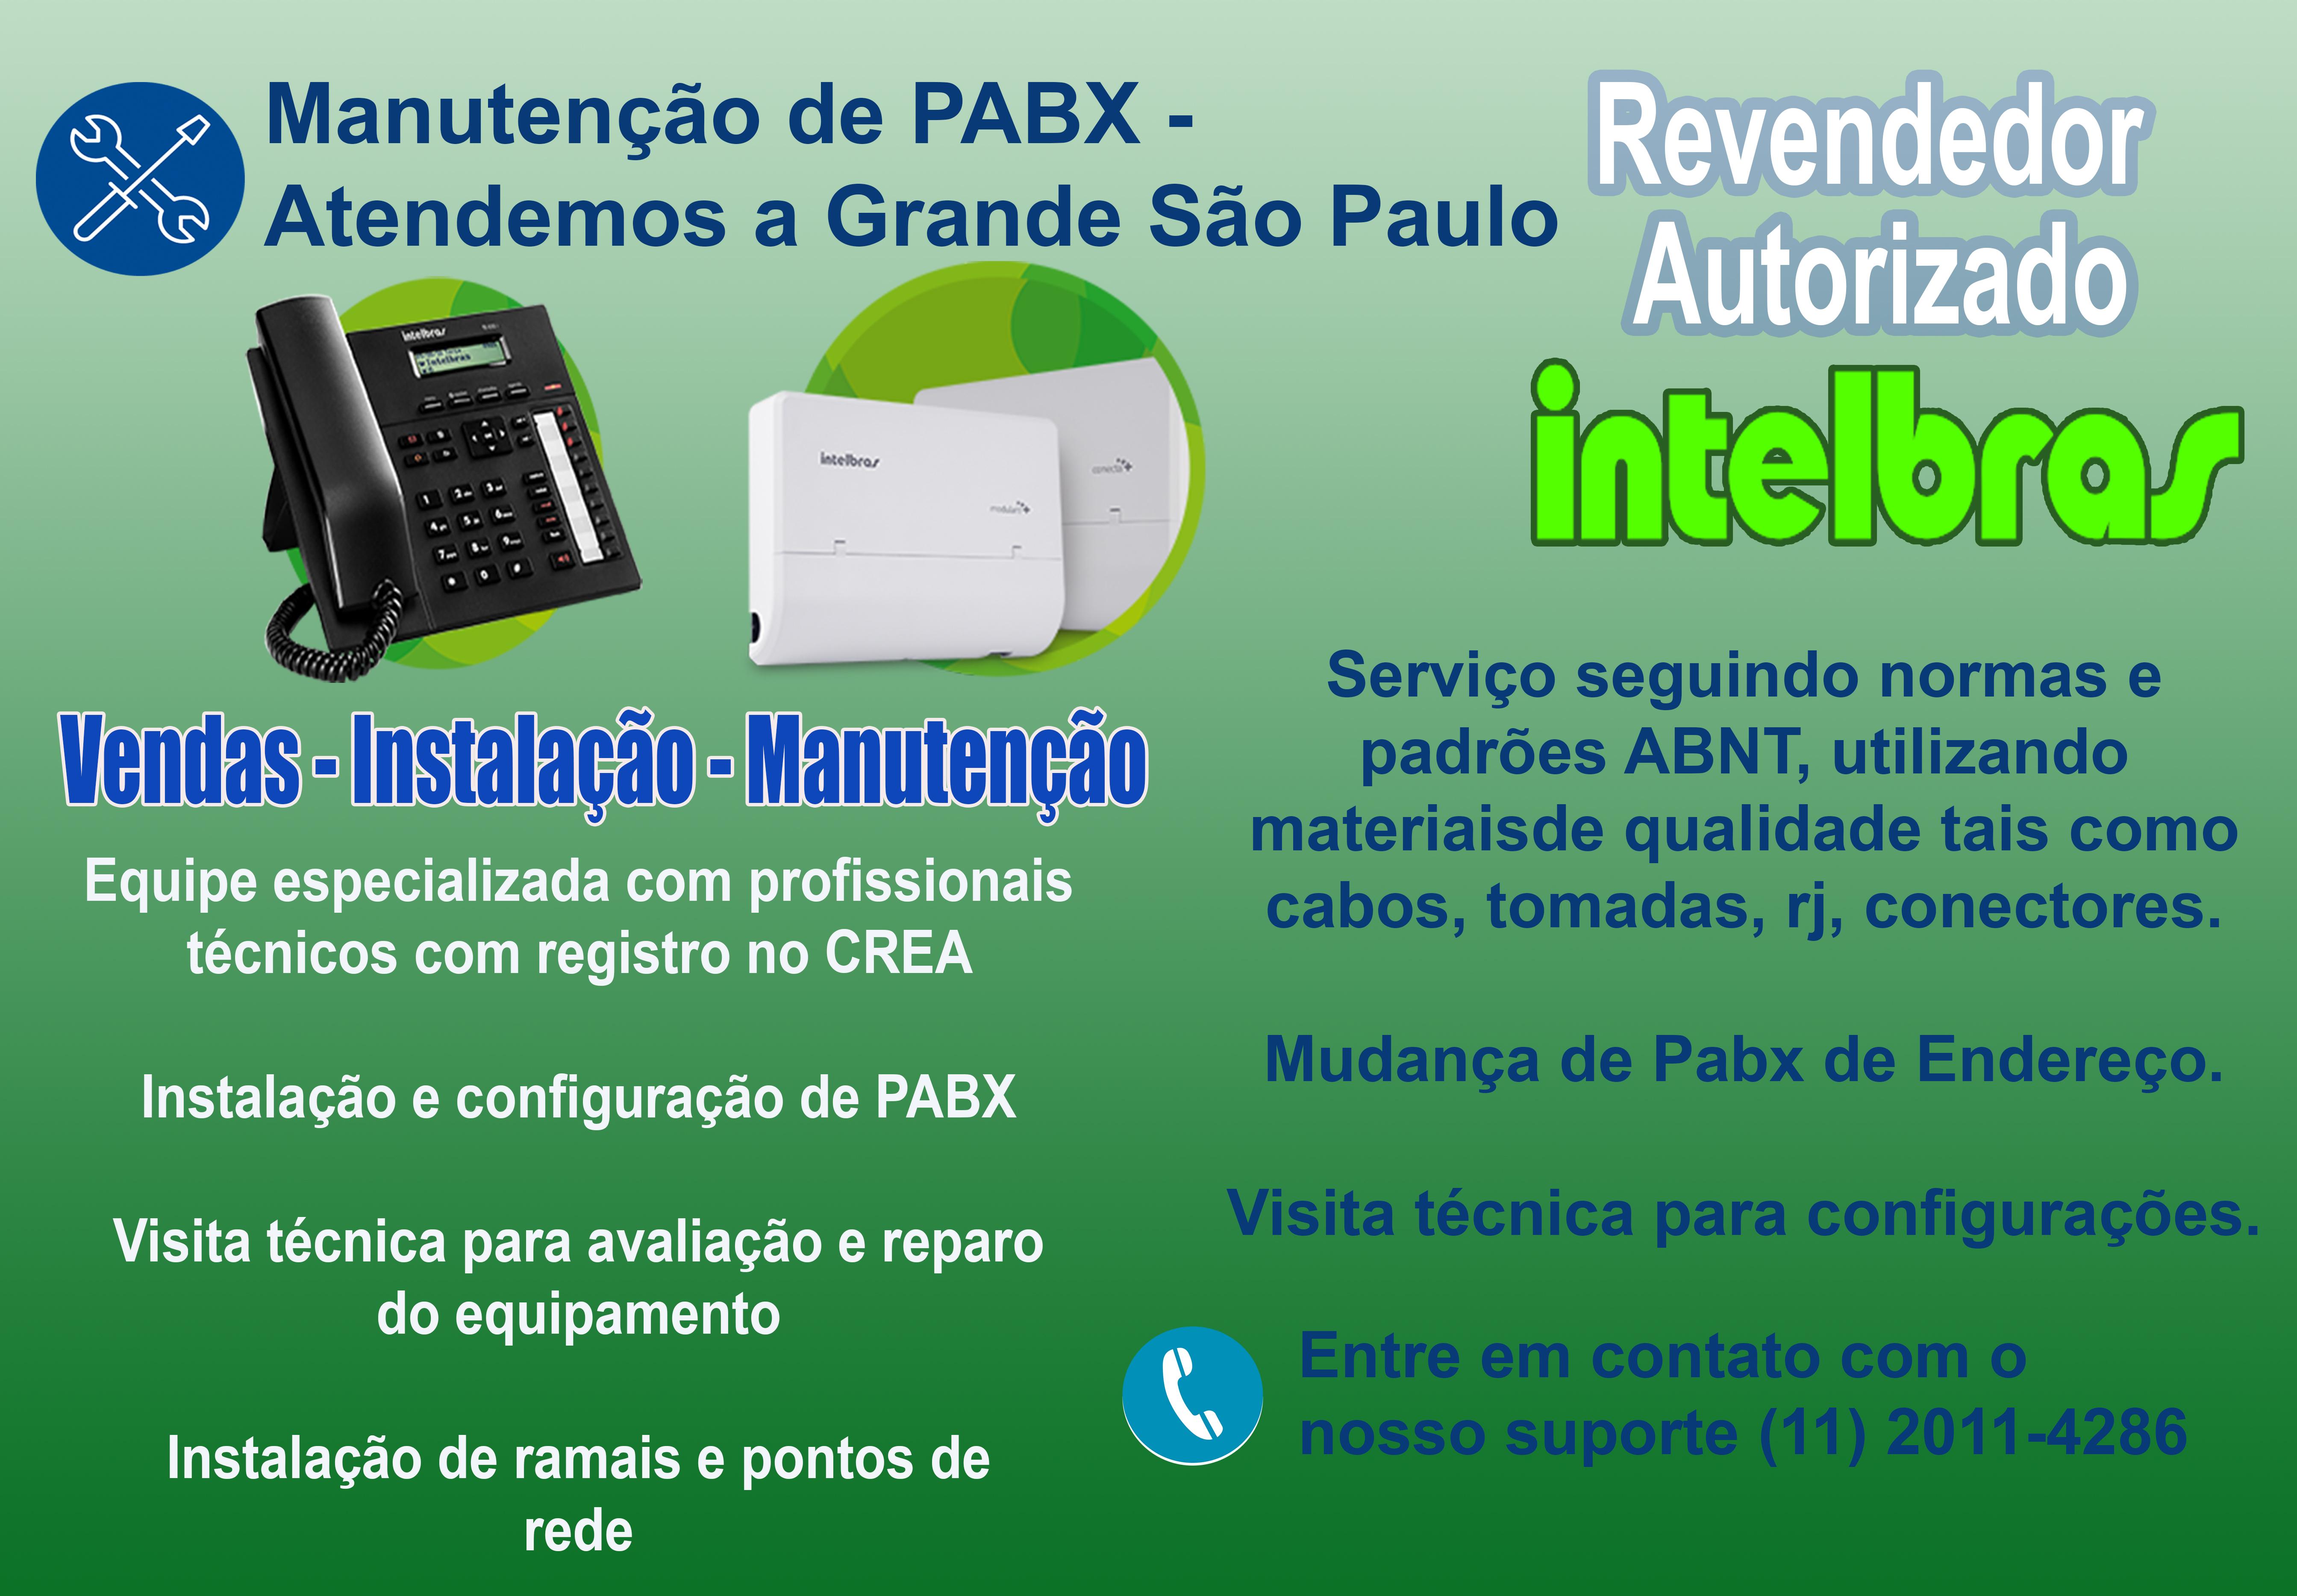 Manutenção de PABX em Mau